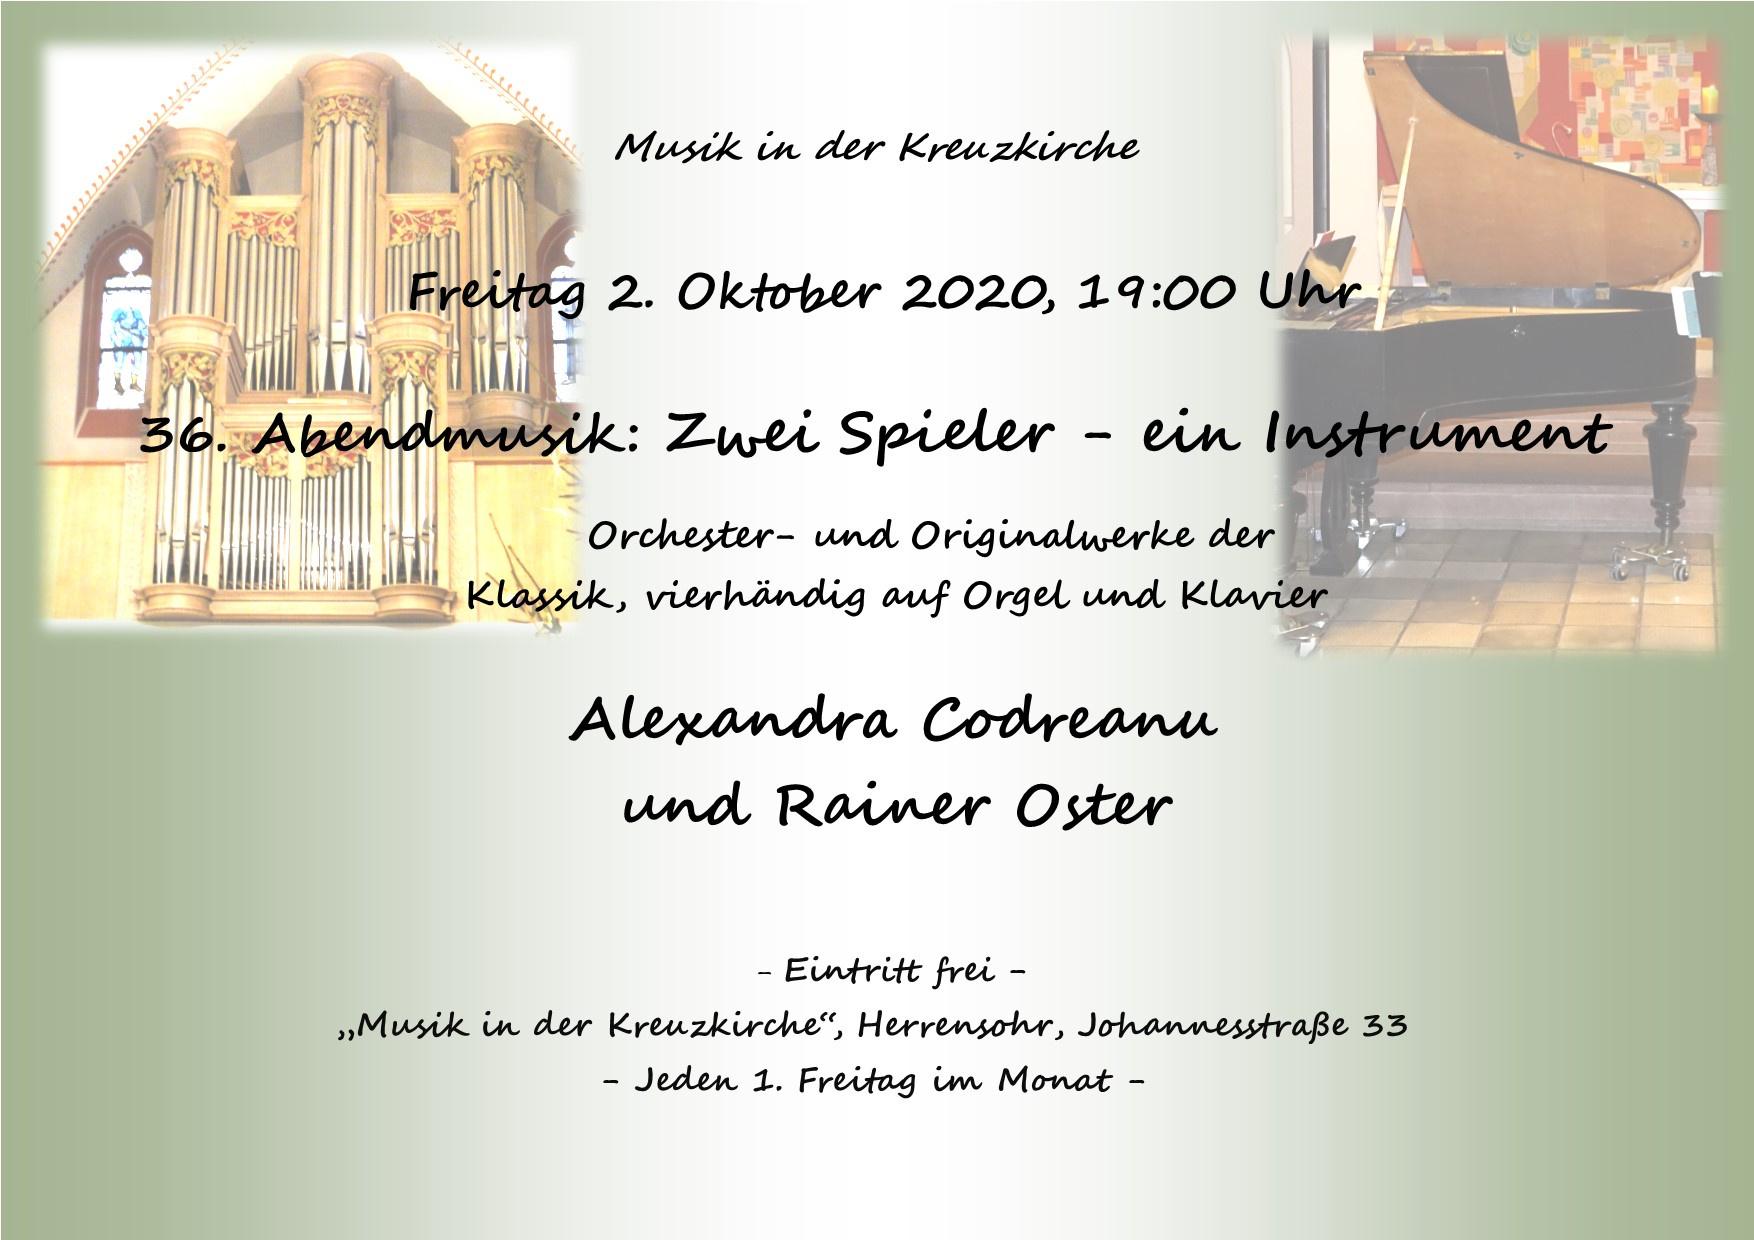 36. Abendmusik in der Kreuzkirche Herrensohr